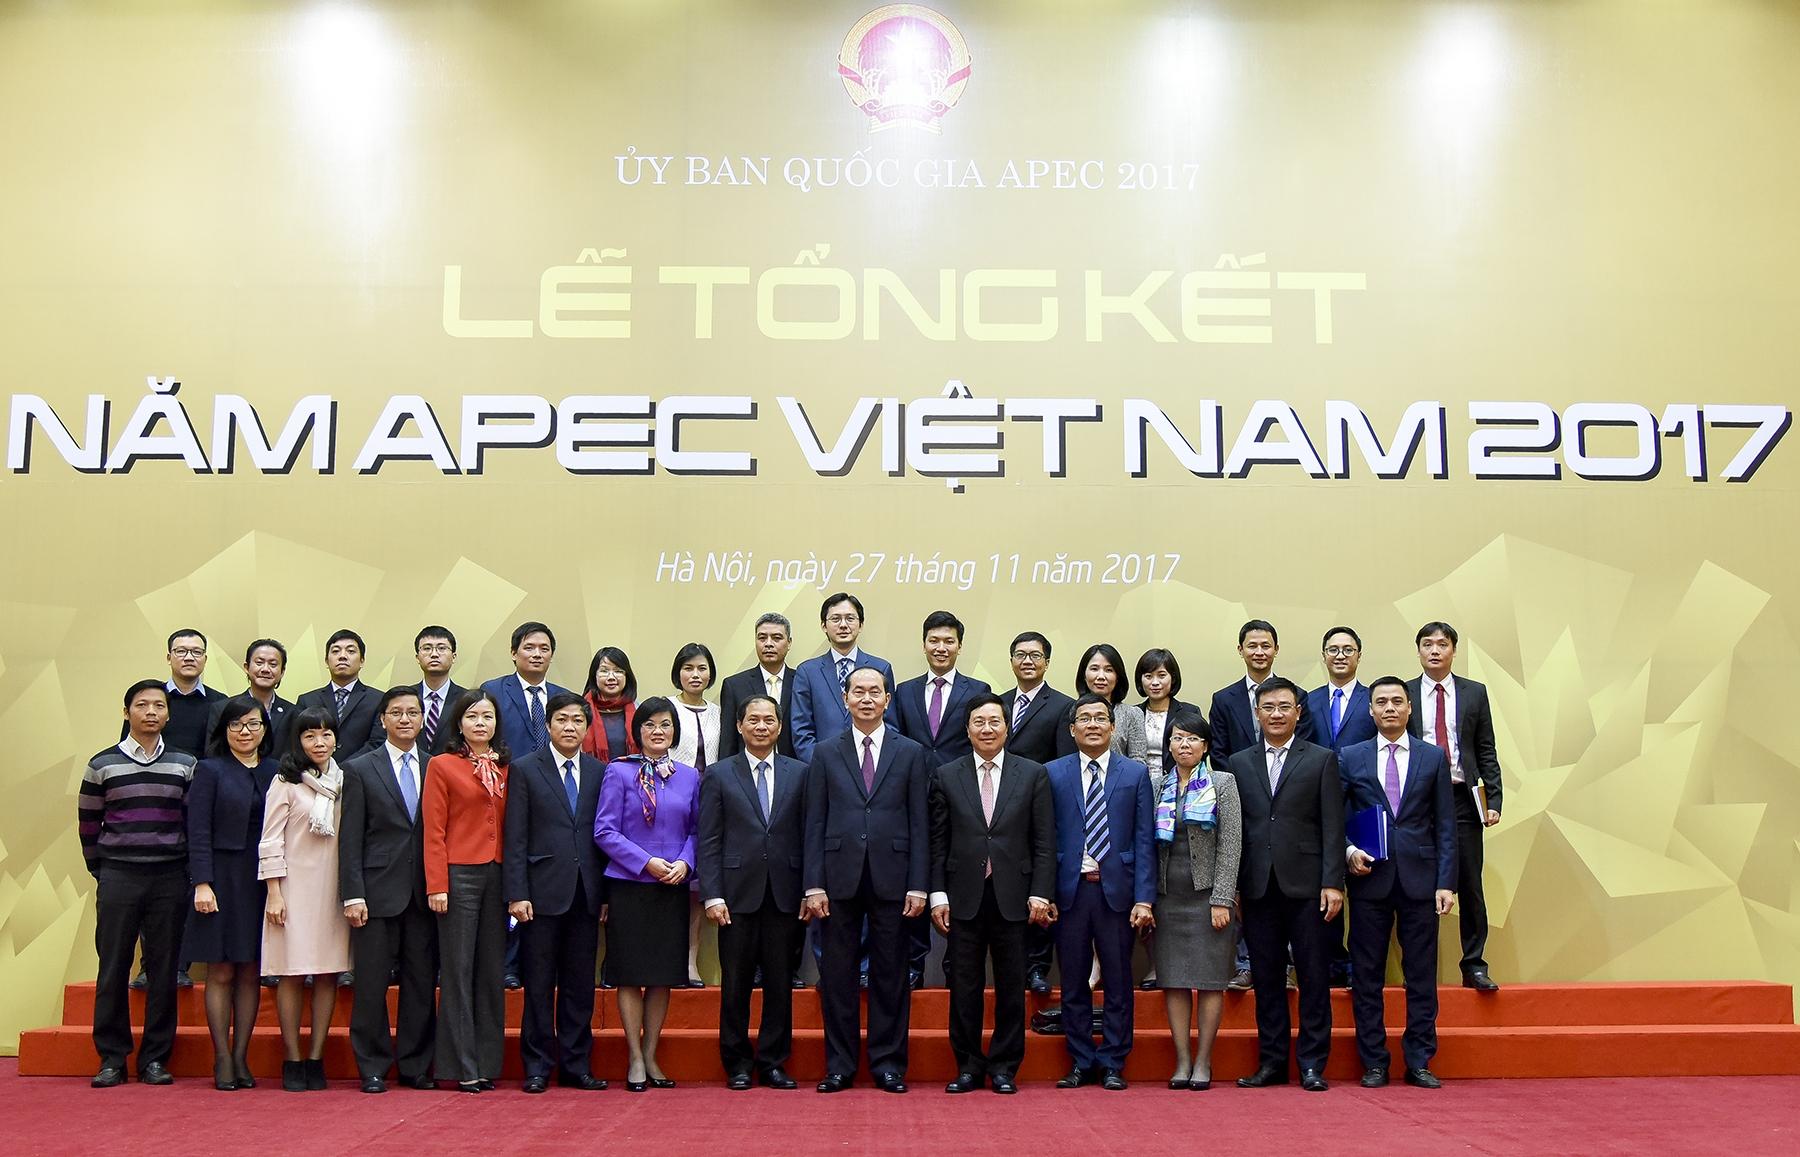 Thắng lợi của Năm APEC 2017 đặt nền móng nâng tầm quan hệ song phương giữa Việt Nam với các đối tác